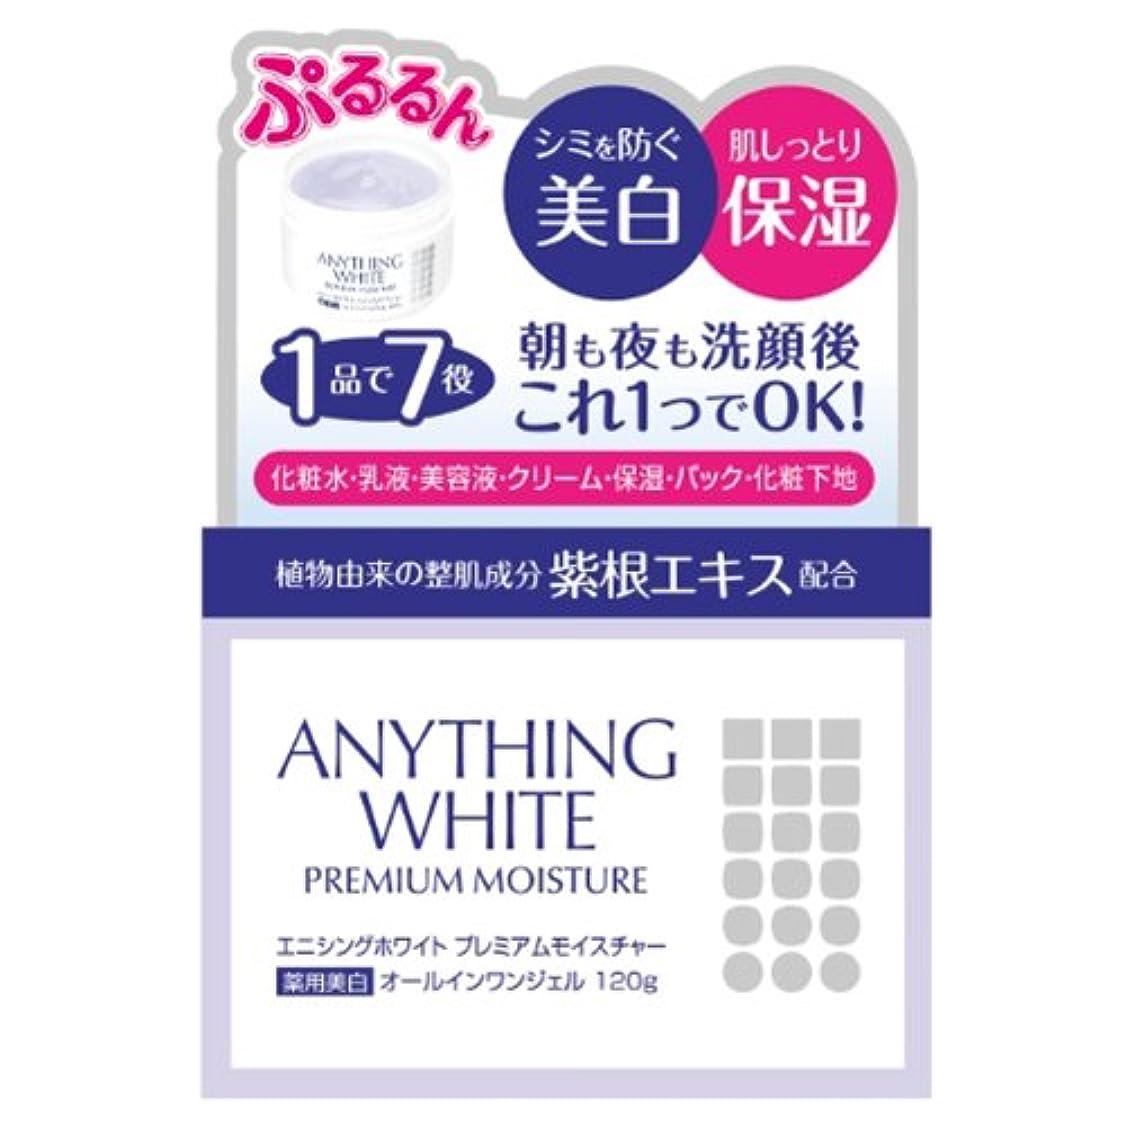 こんにちは毒液ベットエニシングホワイト プレミアムモイスチャー 120g